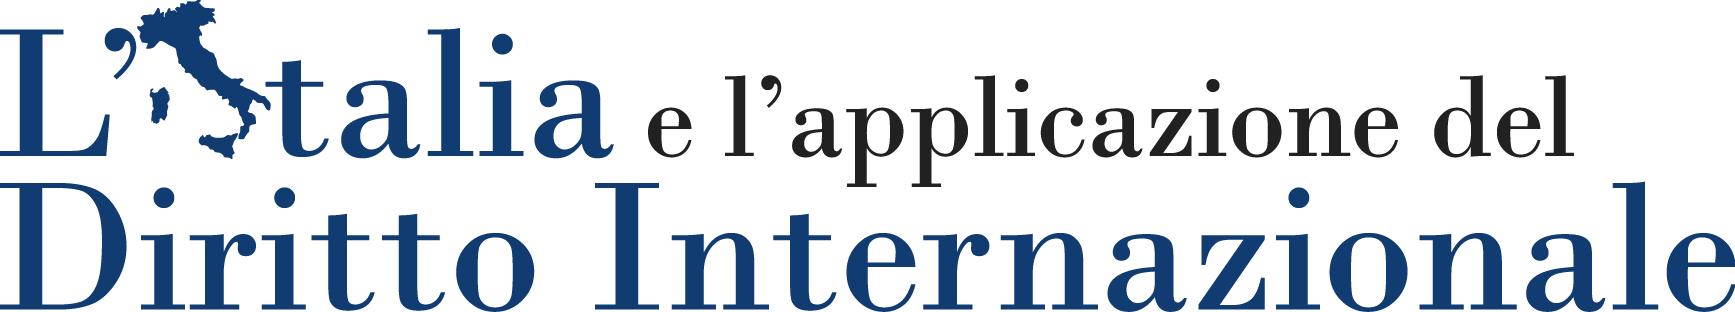 L'Italia e l'applicazione del diritto internazionale, n. 2: 2014-2015